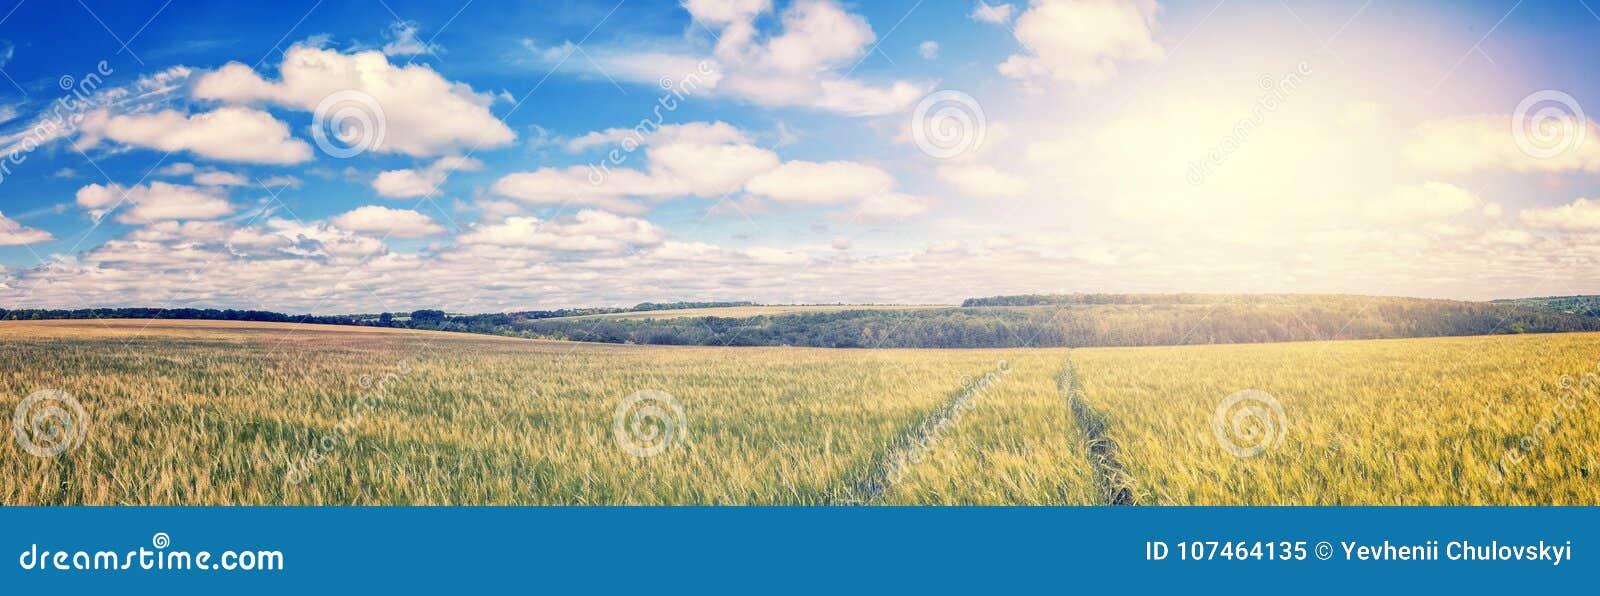 Chemin à travers le champ de blé d or, ciel bleu parfait paysage rural majestueux